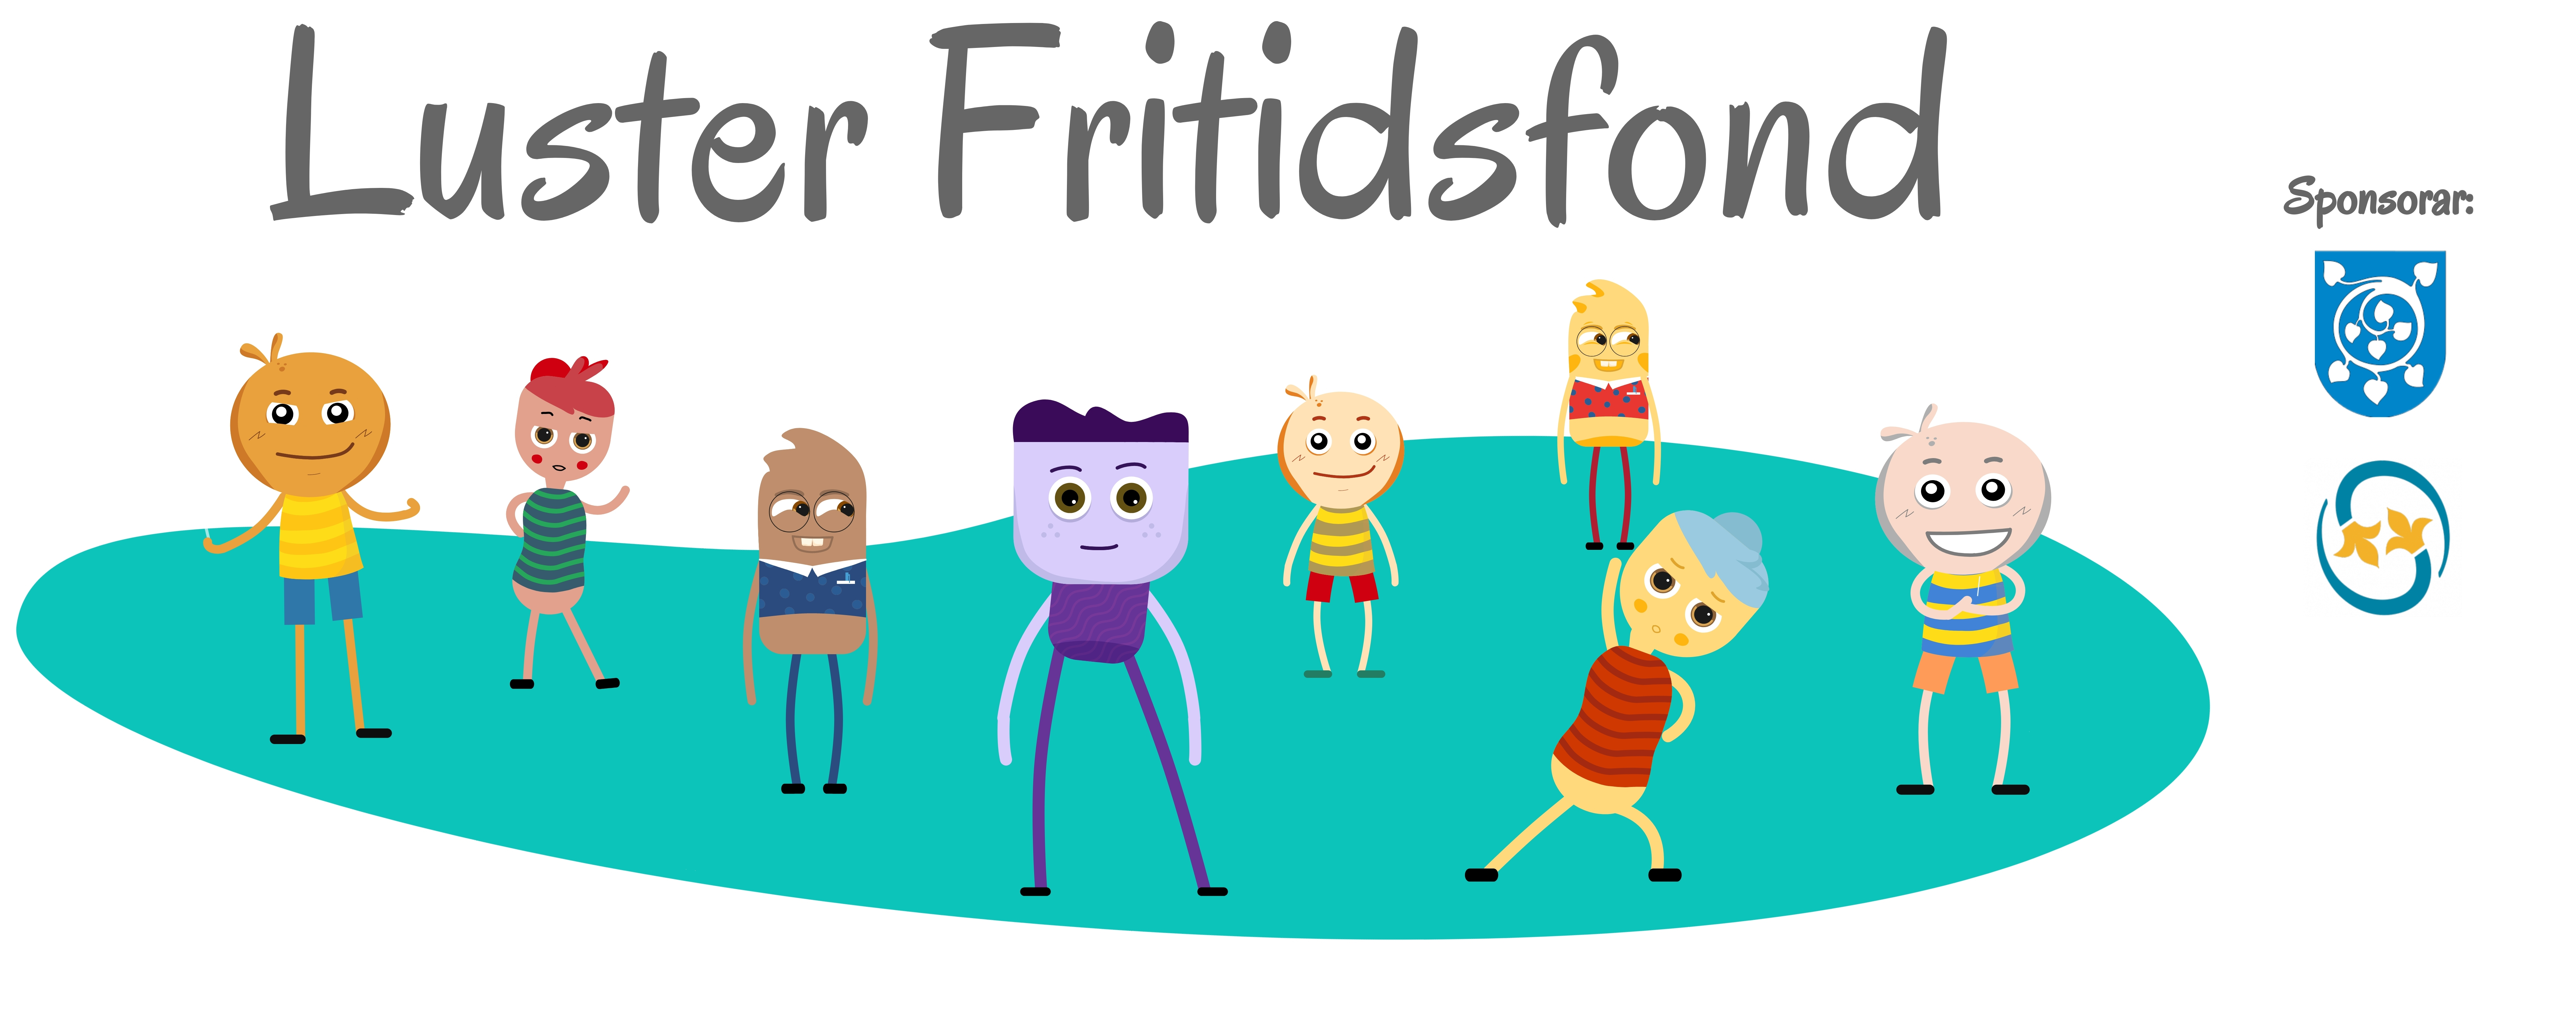 Luster fritidsfond logo m sponsorar